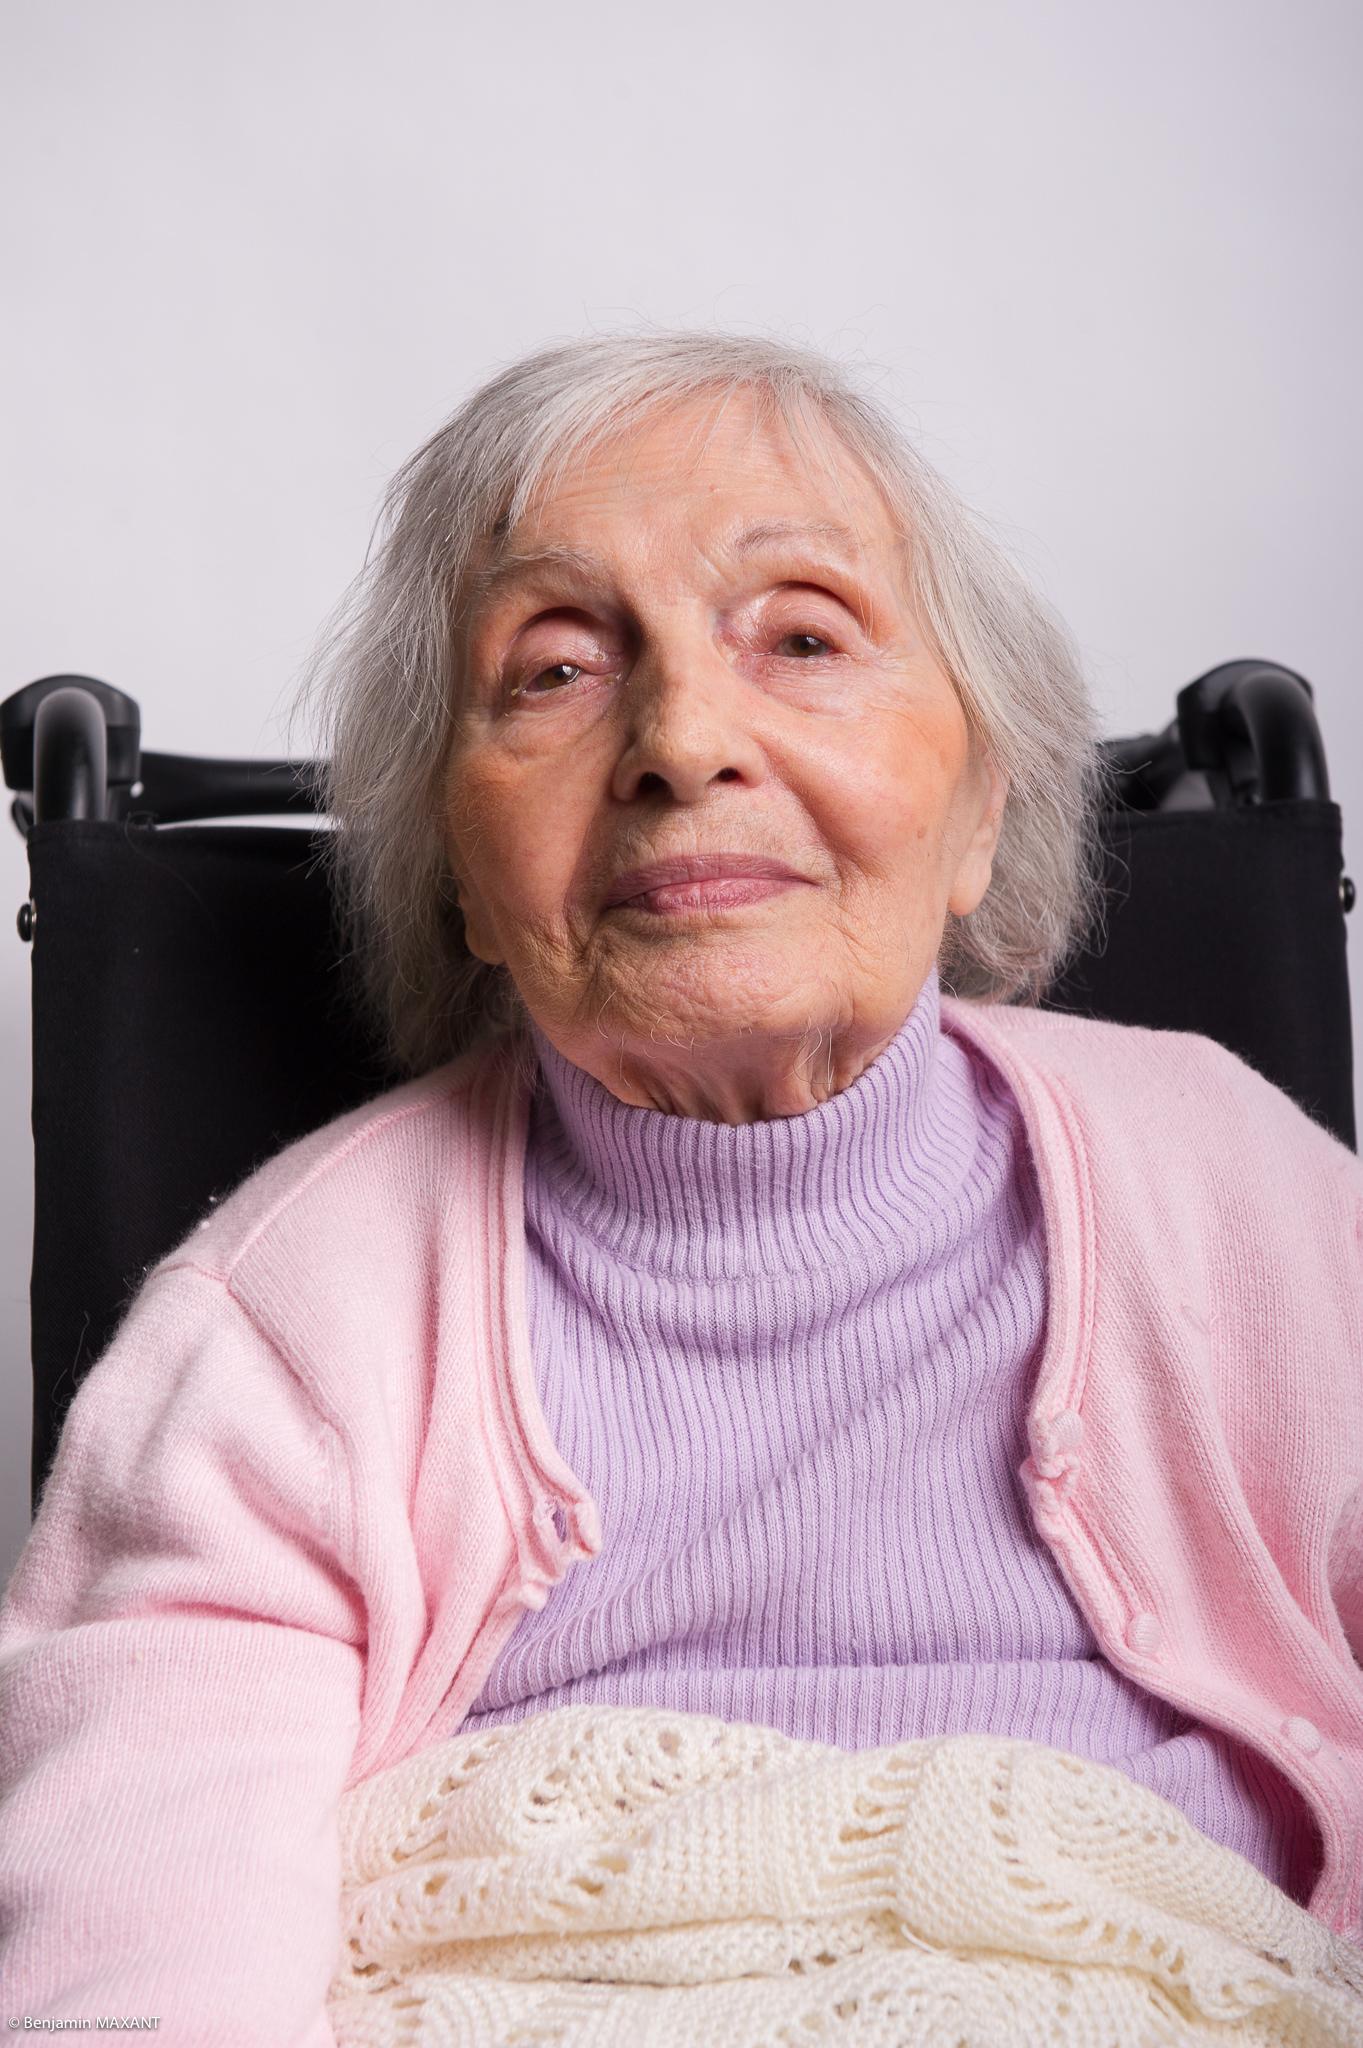 Portrait studio d'une personne âgée - femme chemisier rose